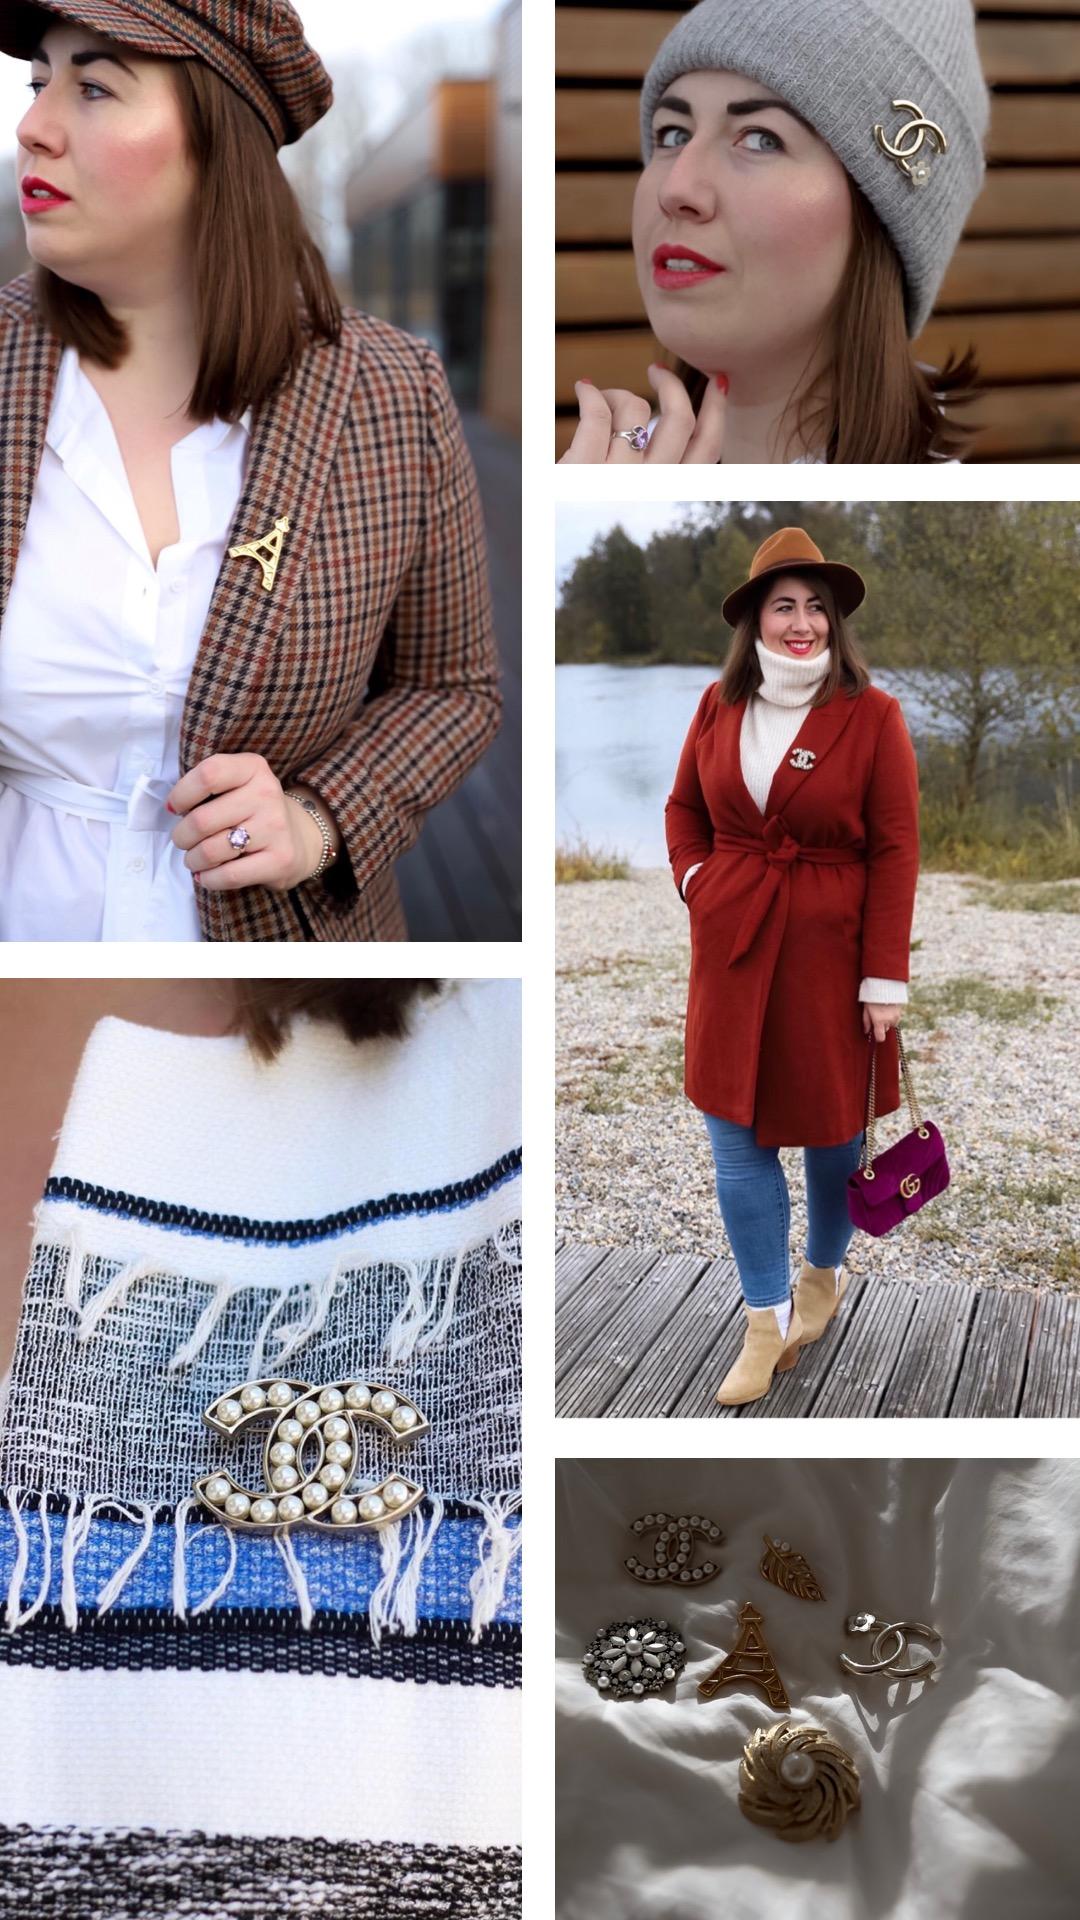 Miss-Suzie-Loves-Trend-Accessoire-Broschen-Styling-Ideen